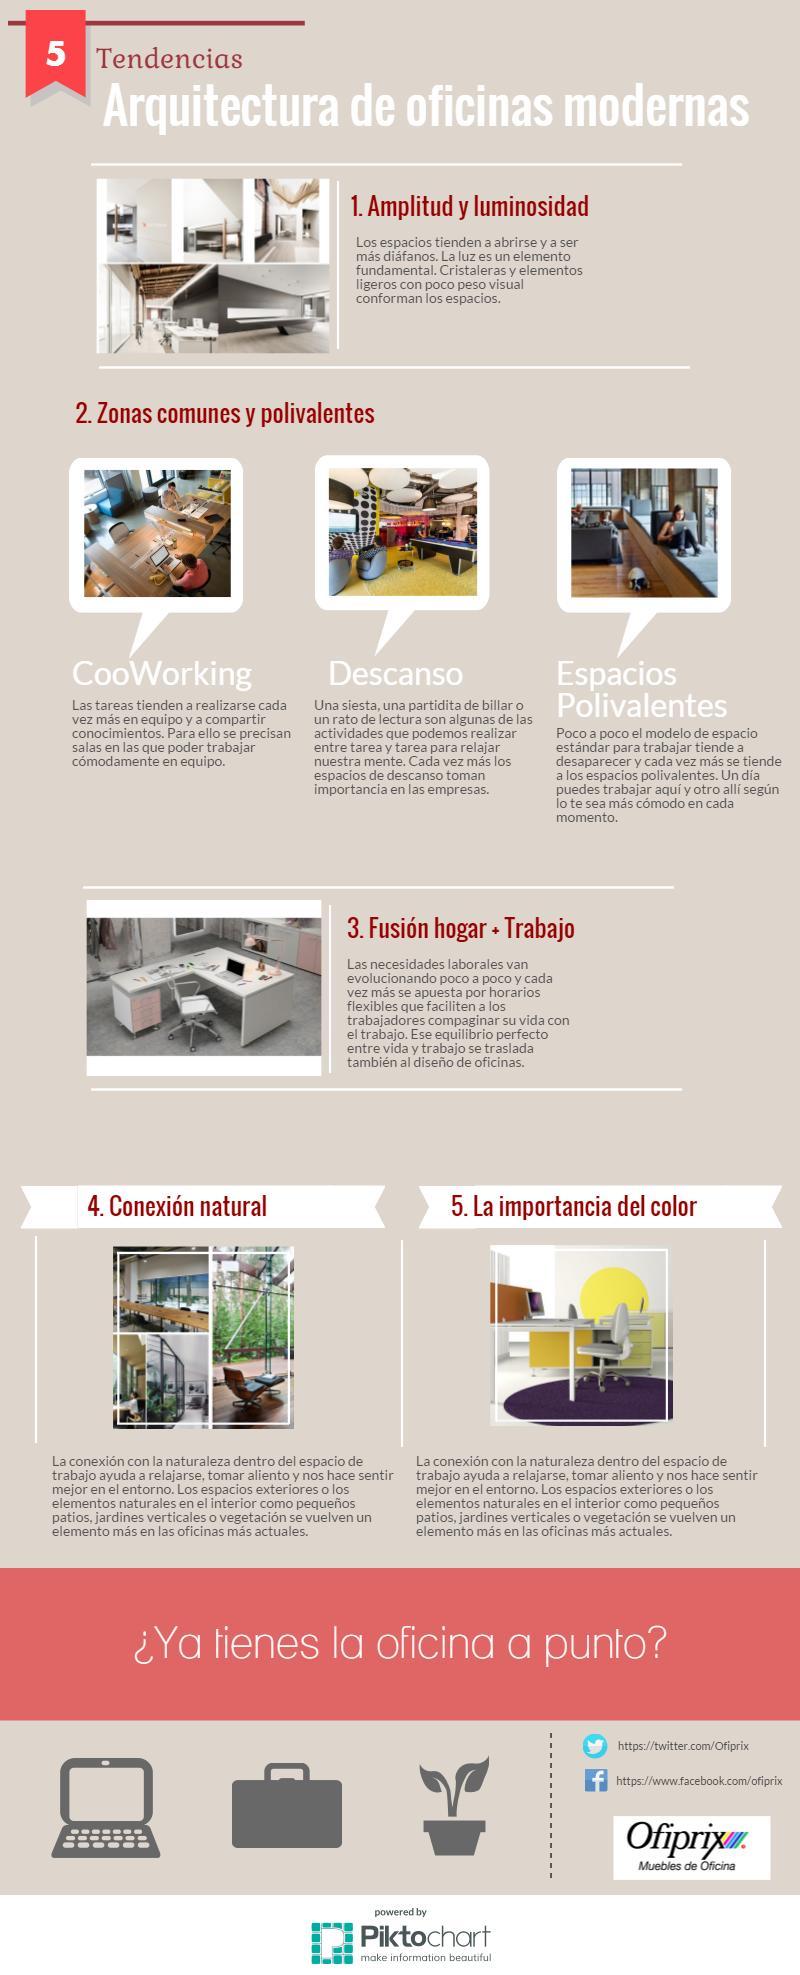 Infografia Aquitectura de Oficinas Modernas: OFIPRIX